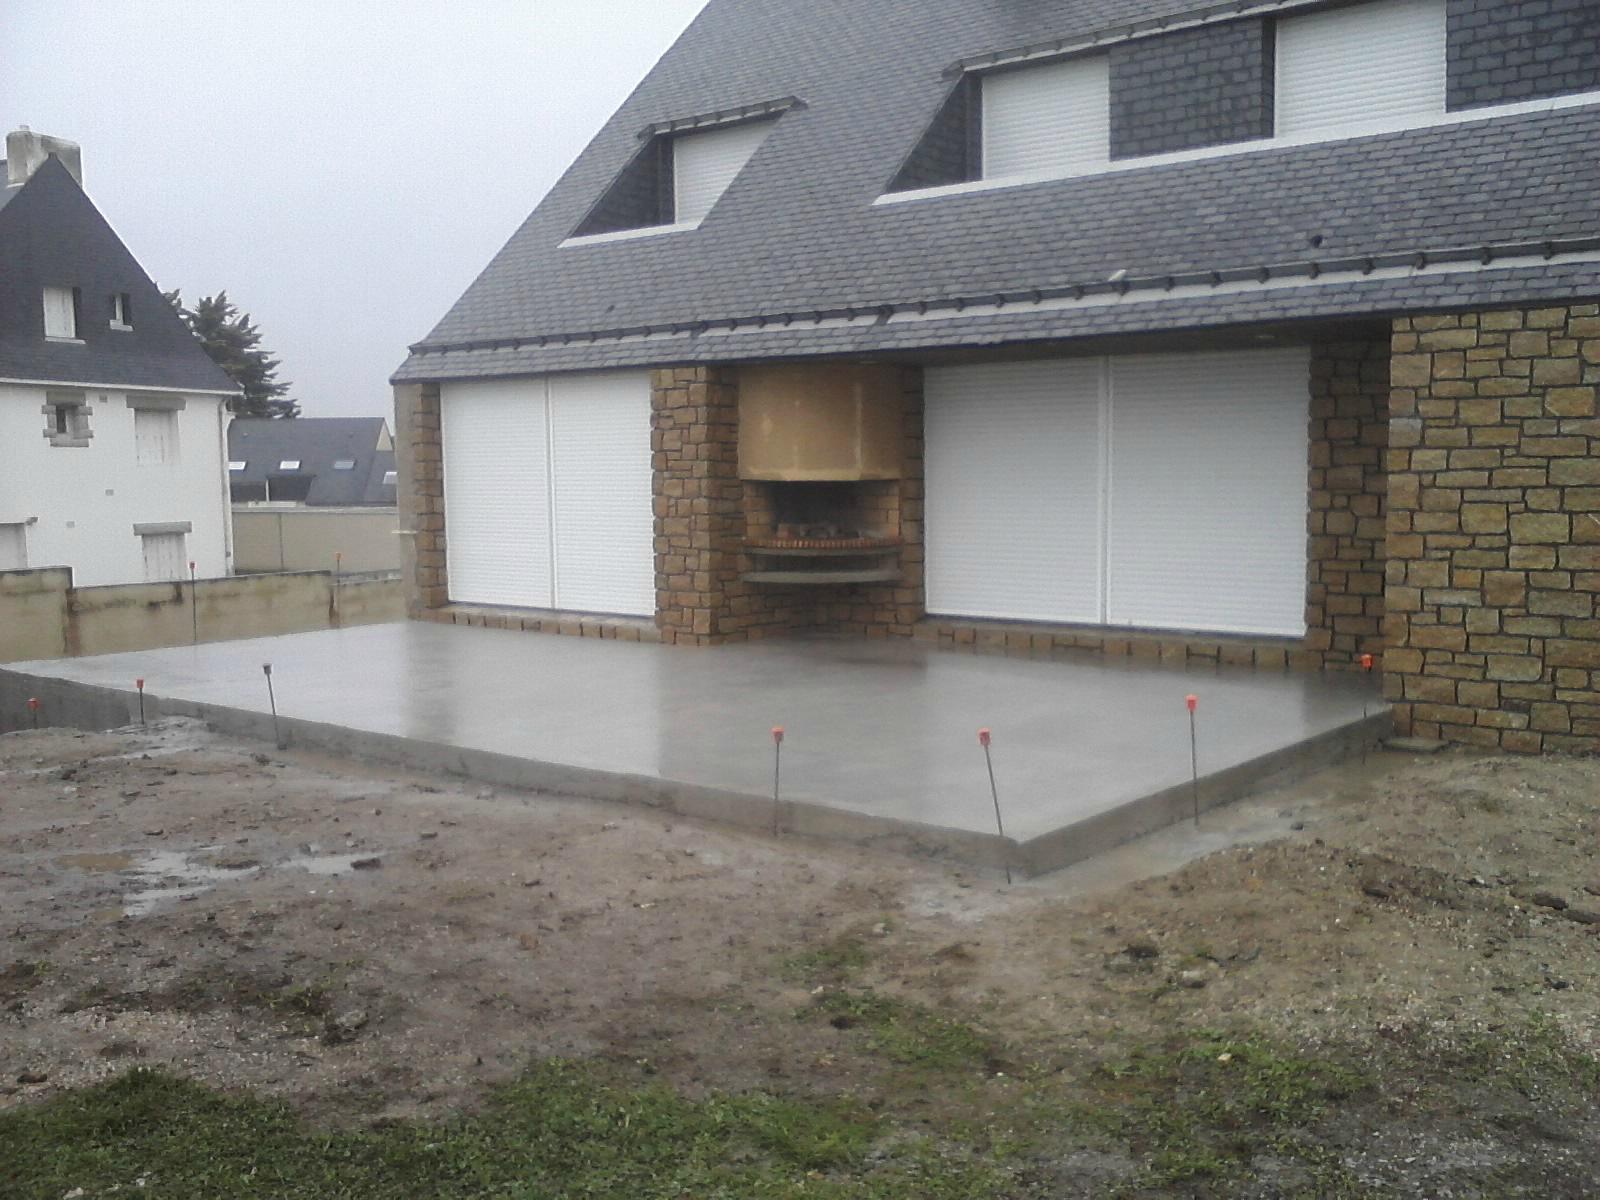 Terrasse beton avec muret nos conseils for Realiser une terrasse en beton